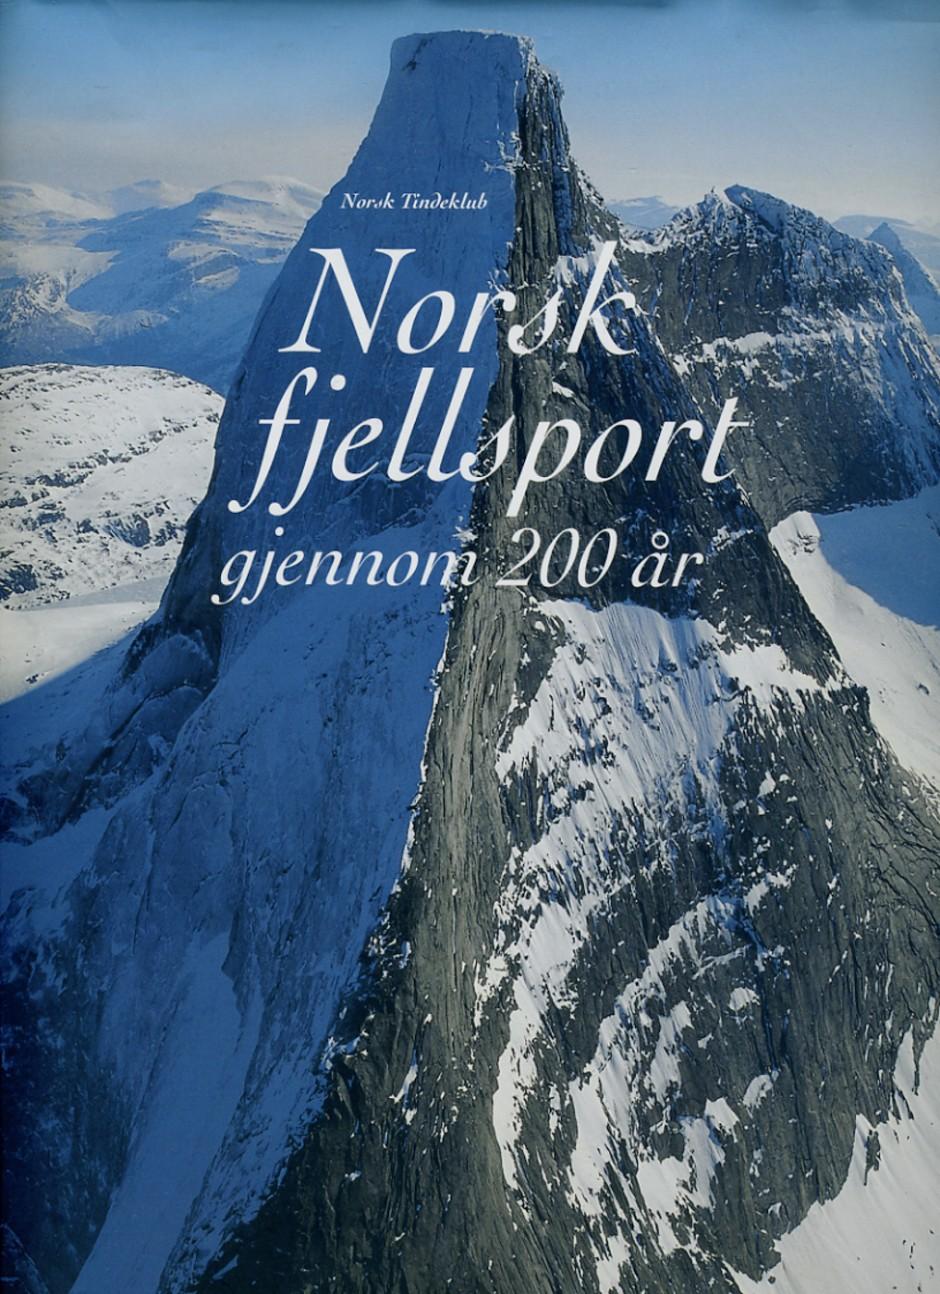 Norsk Fjellsport gjennom 200